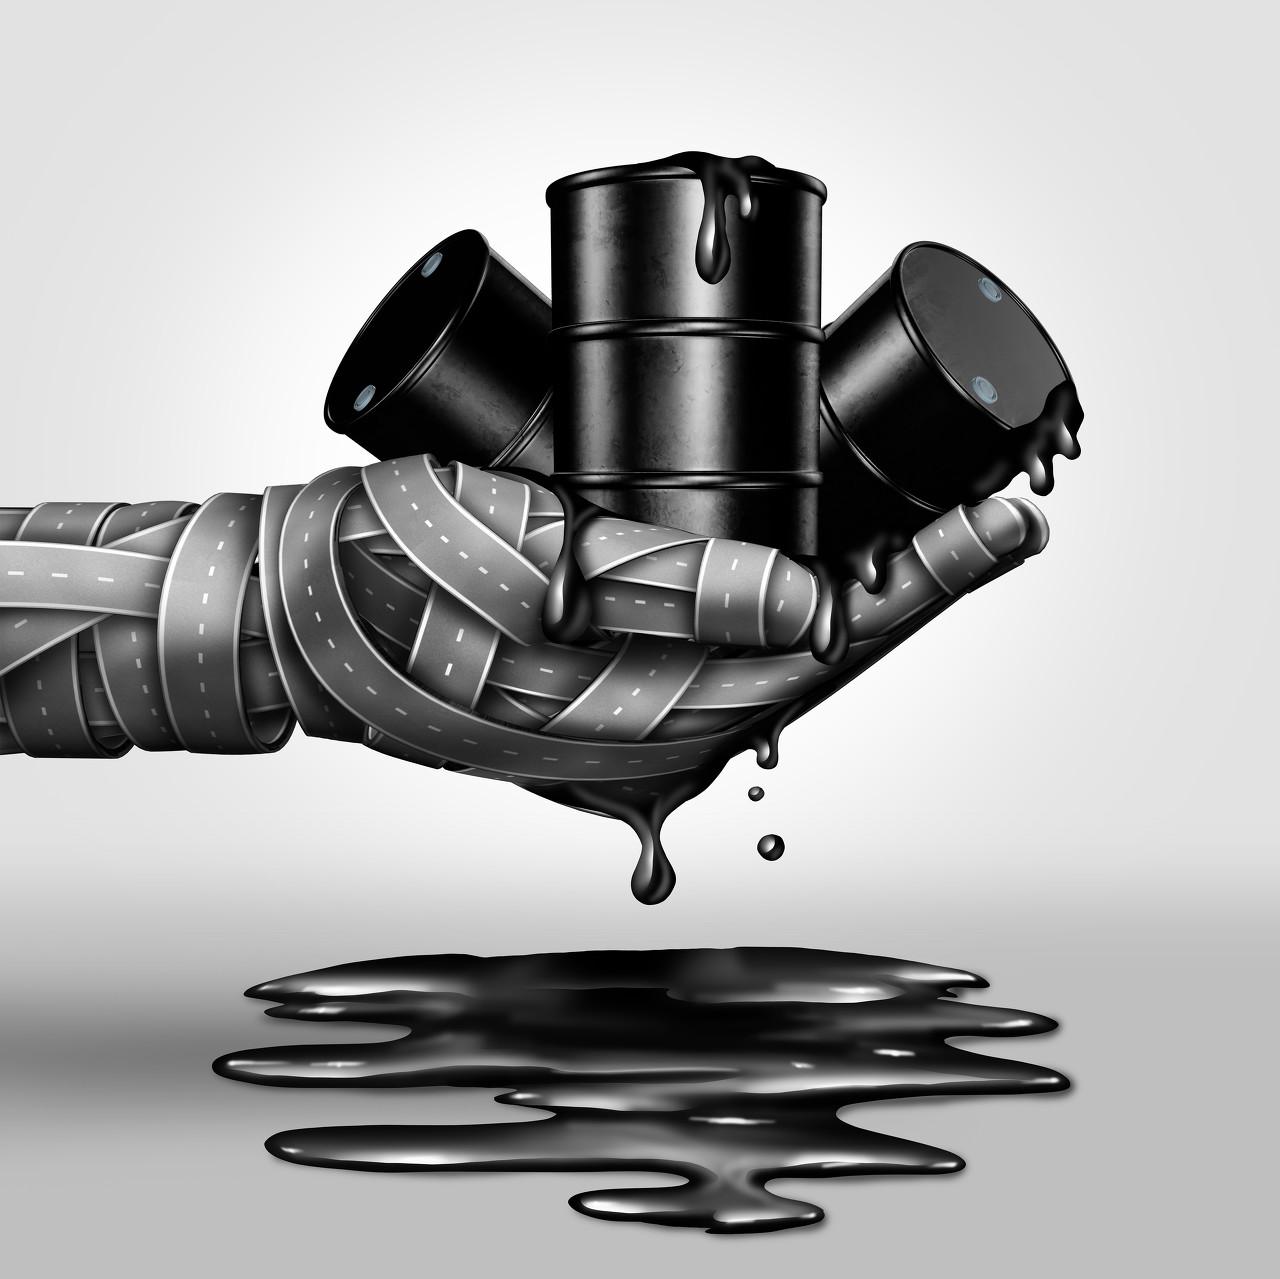 油价或首迎八连涨 汽柴油价格或将上调270元/吨